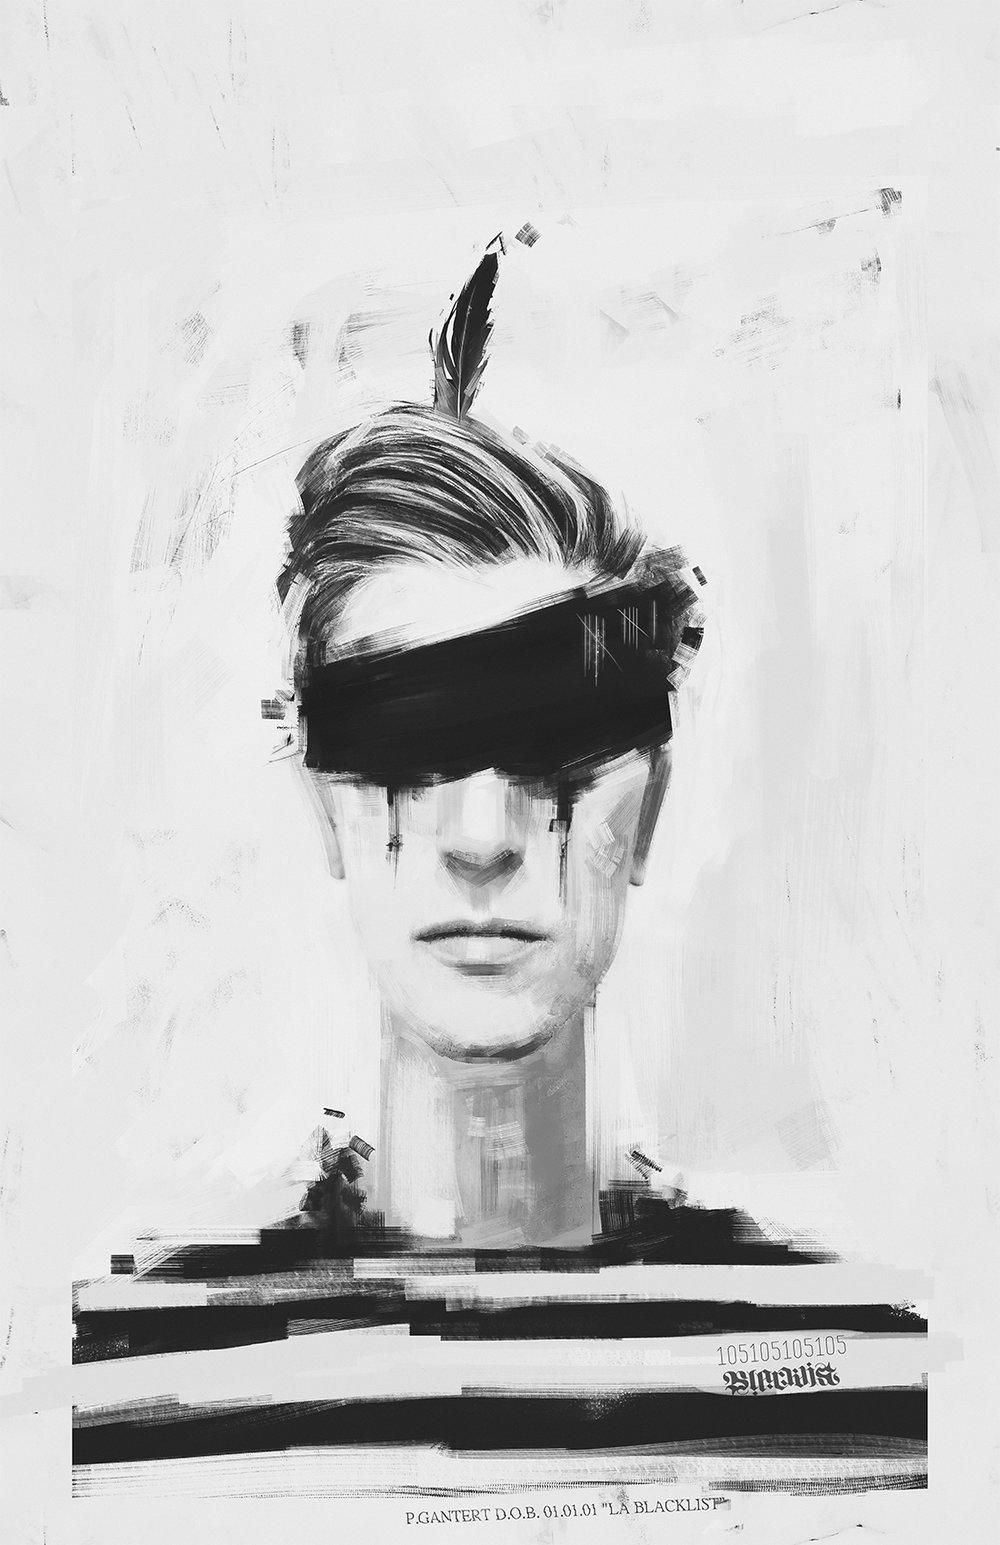 Blacklist Portrait Show, Patrick